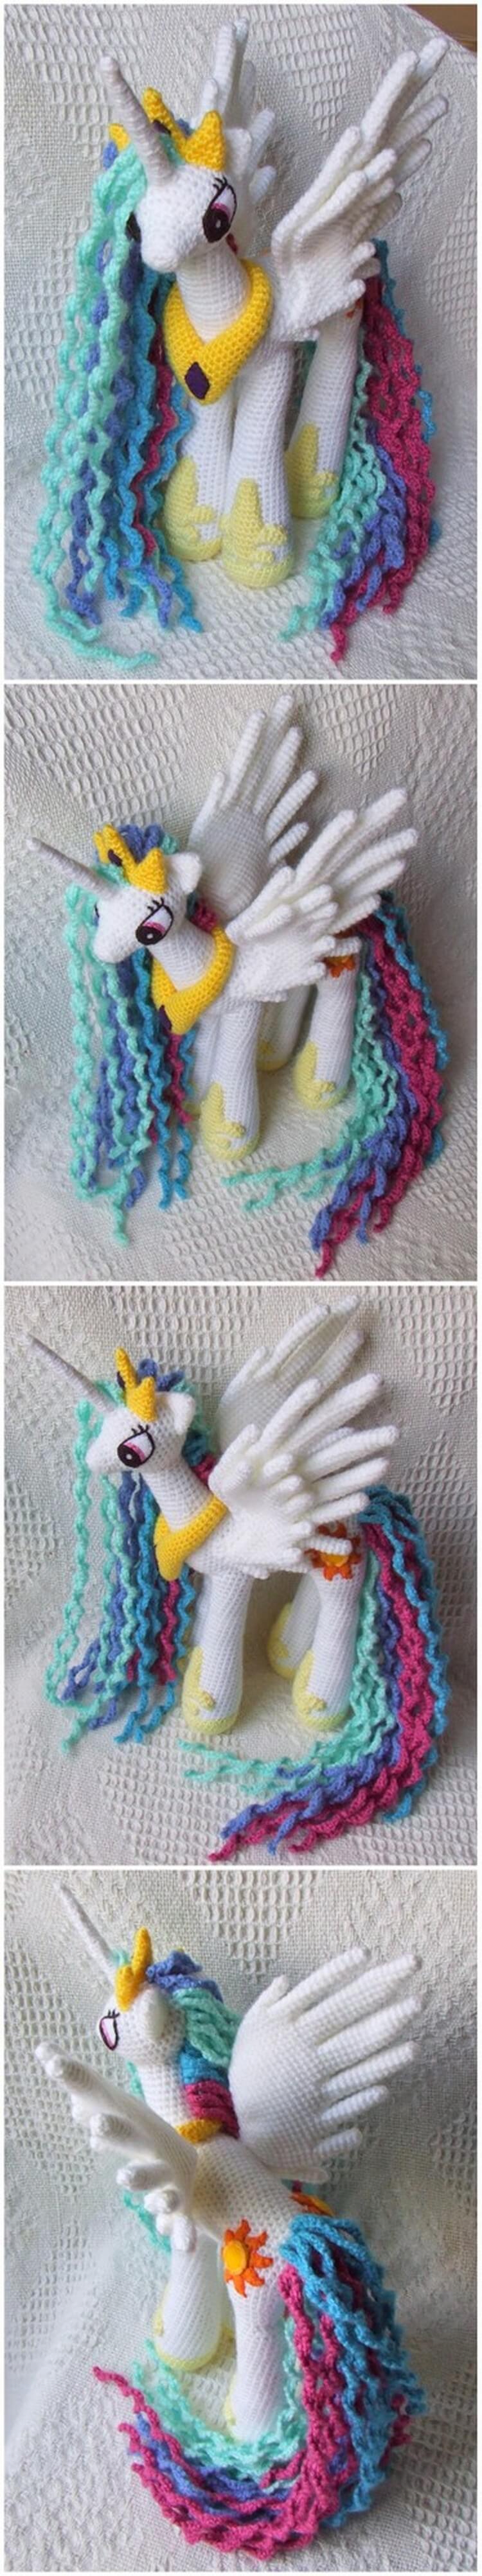 Crochet Unicorn Pattern (36)